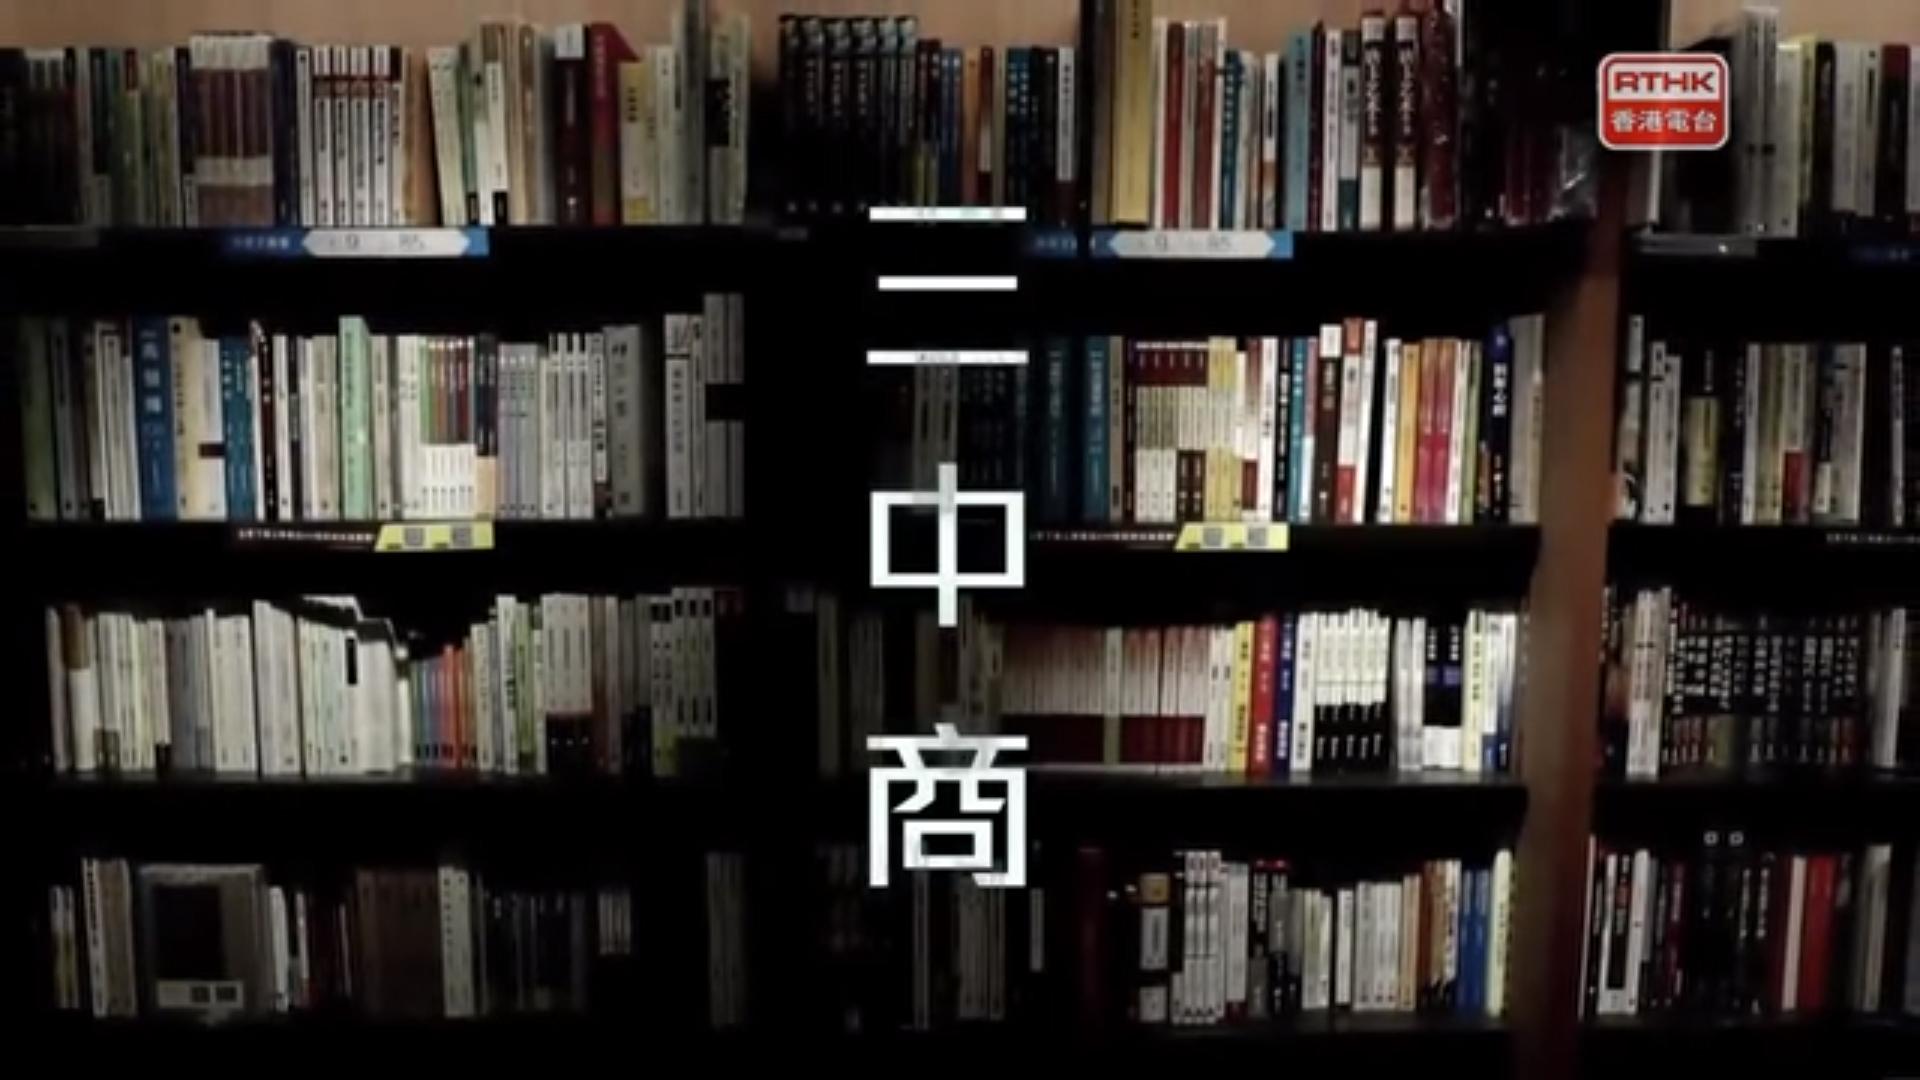 「三中商」喺出版界壟斷香港市場?我夠知喇,咁又(可以)點即。